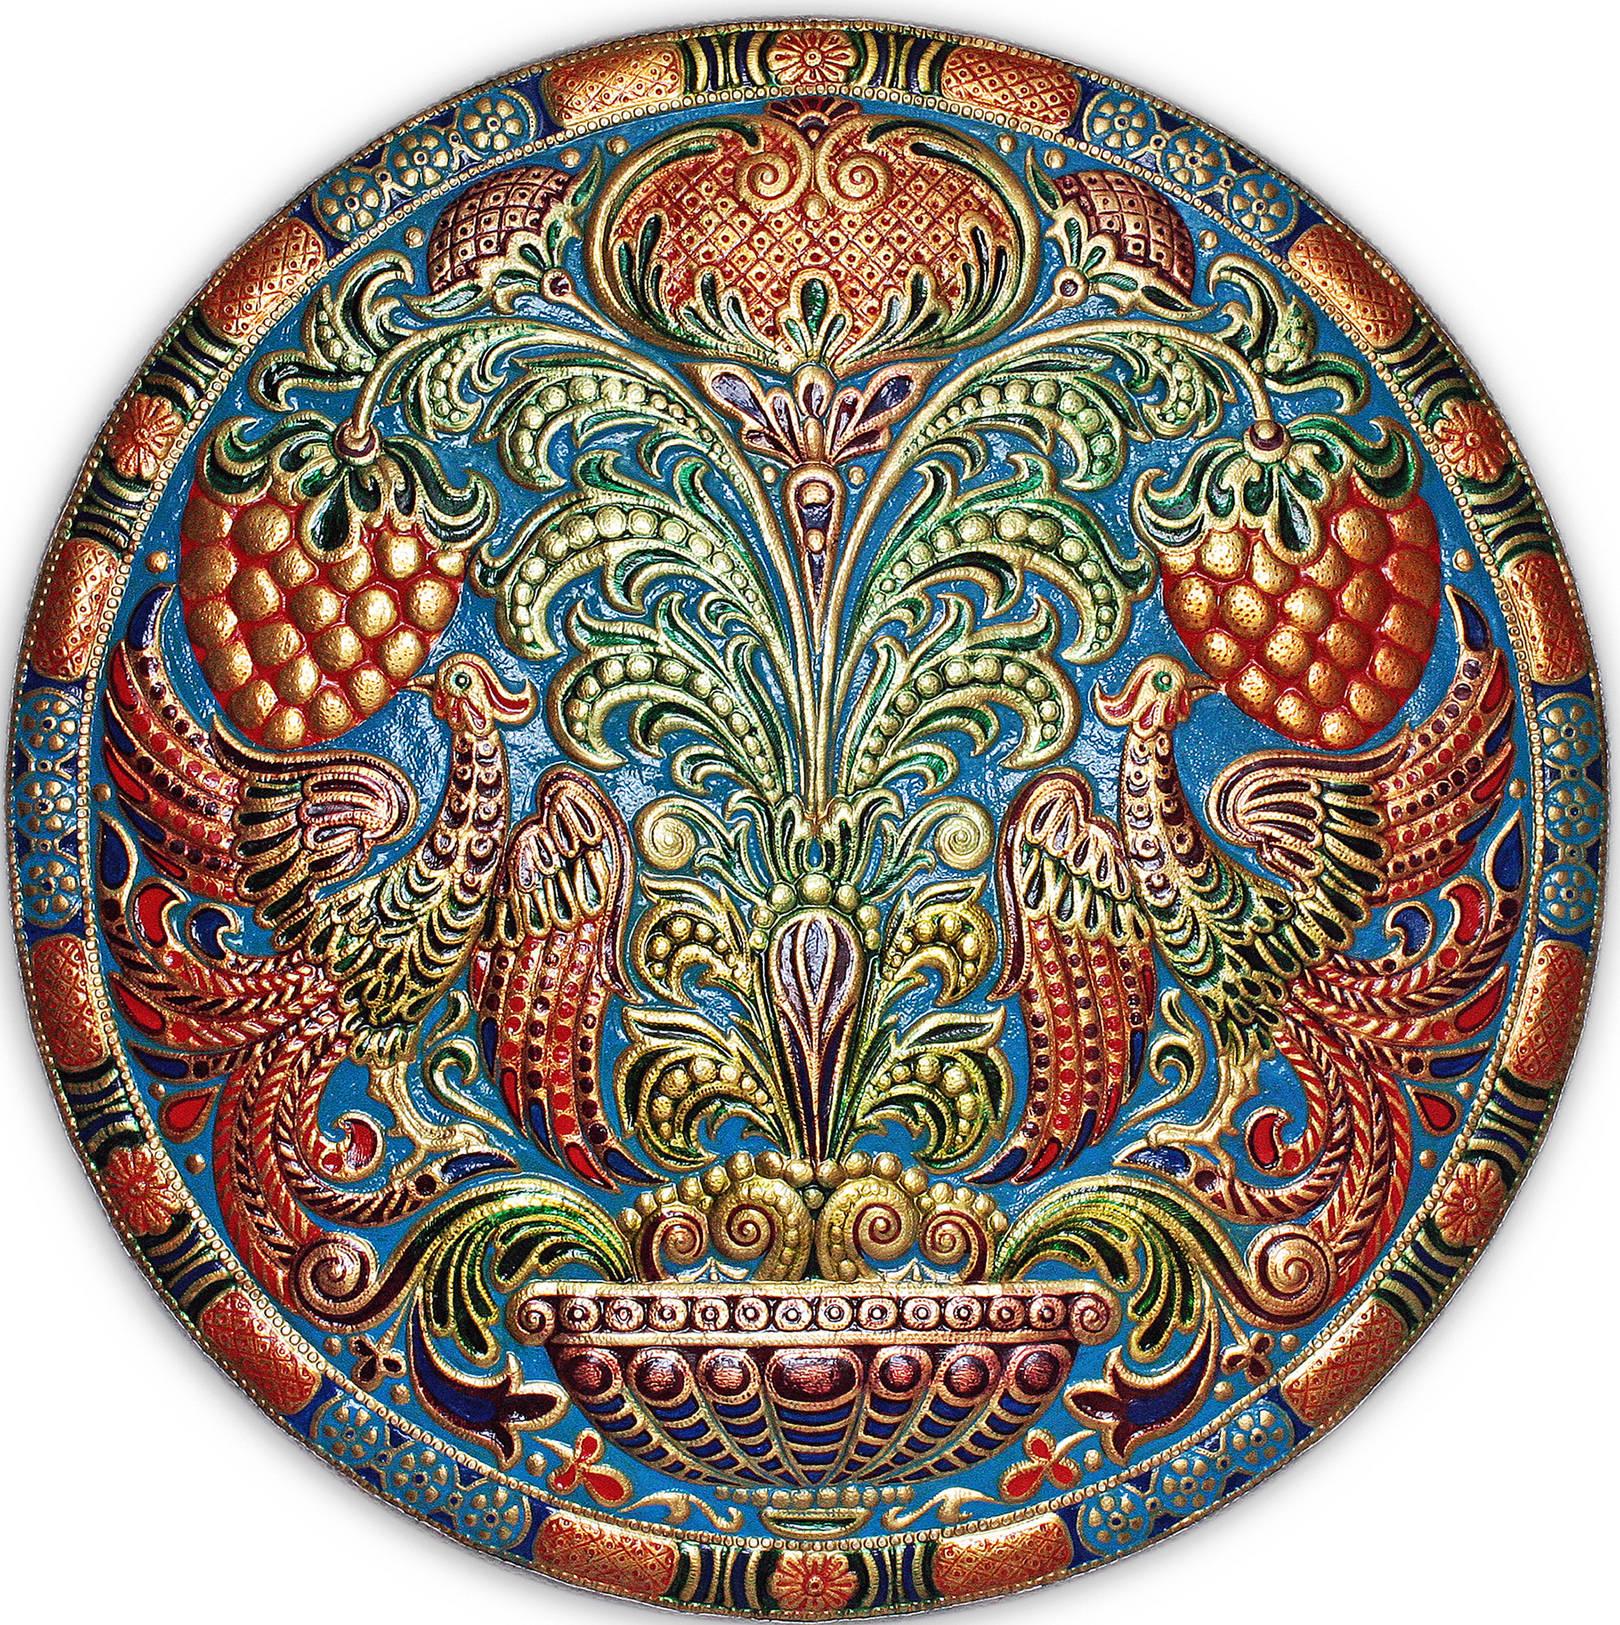 Ягоды,цветы и птицы (панно-рондо) 2008 г. Анодированный алюминий; холодная эмаль 70 х 70 см